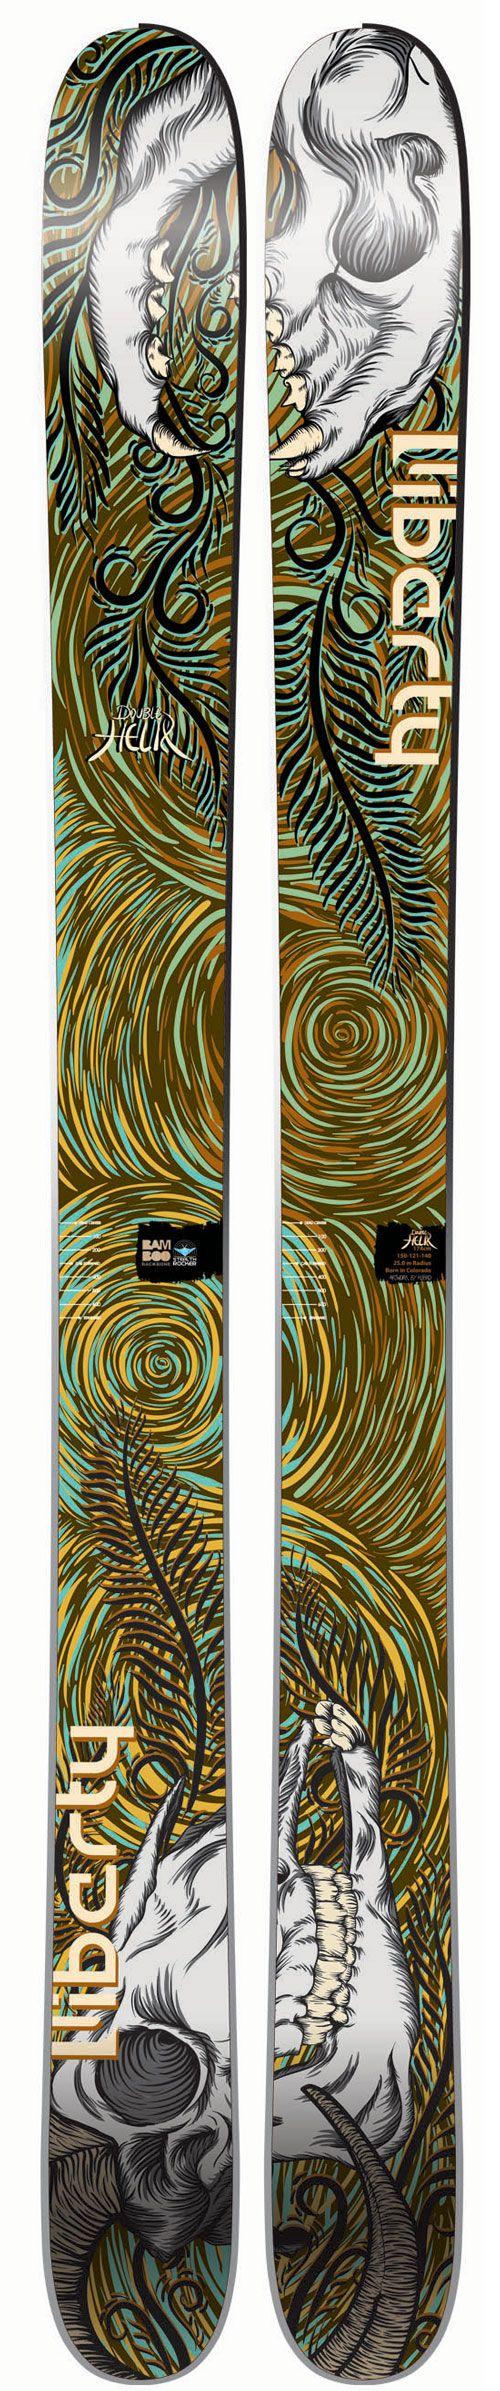 Liberty Skis Double Helix (2014)